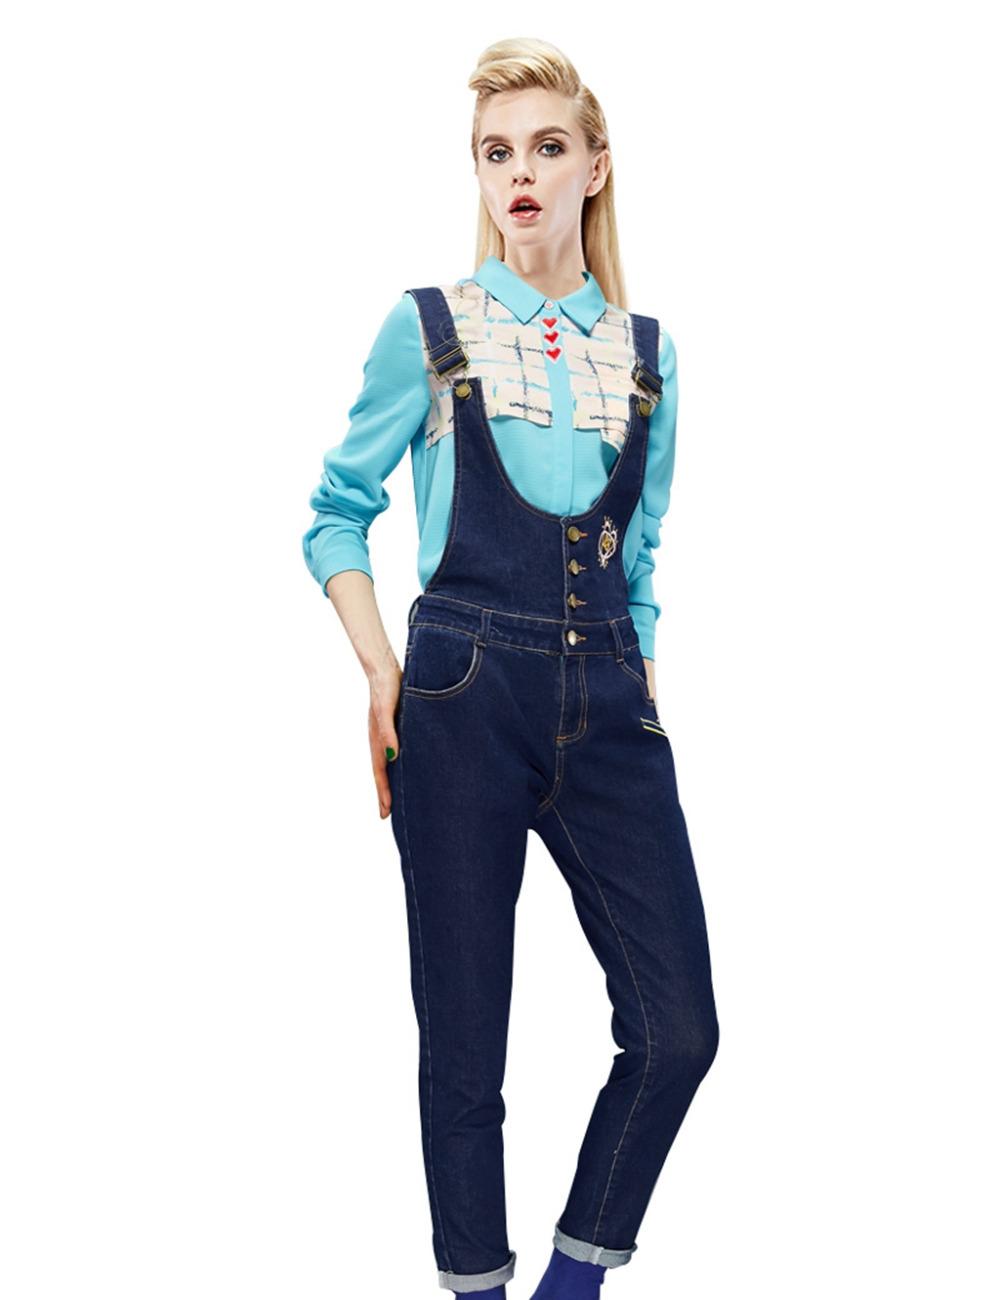 Женские джинсы Elf SACK 2015 1448050 джинсы женские elf sack 1518007